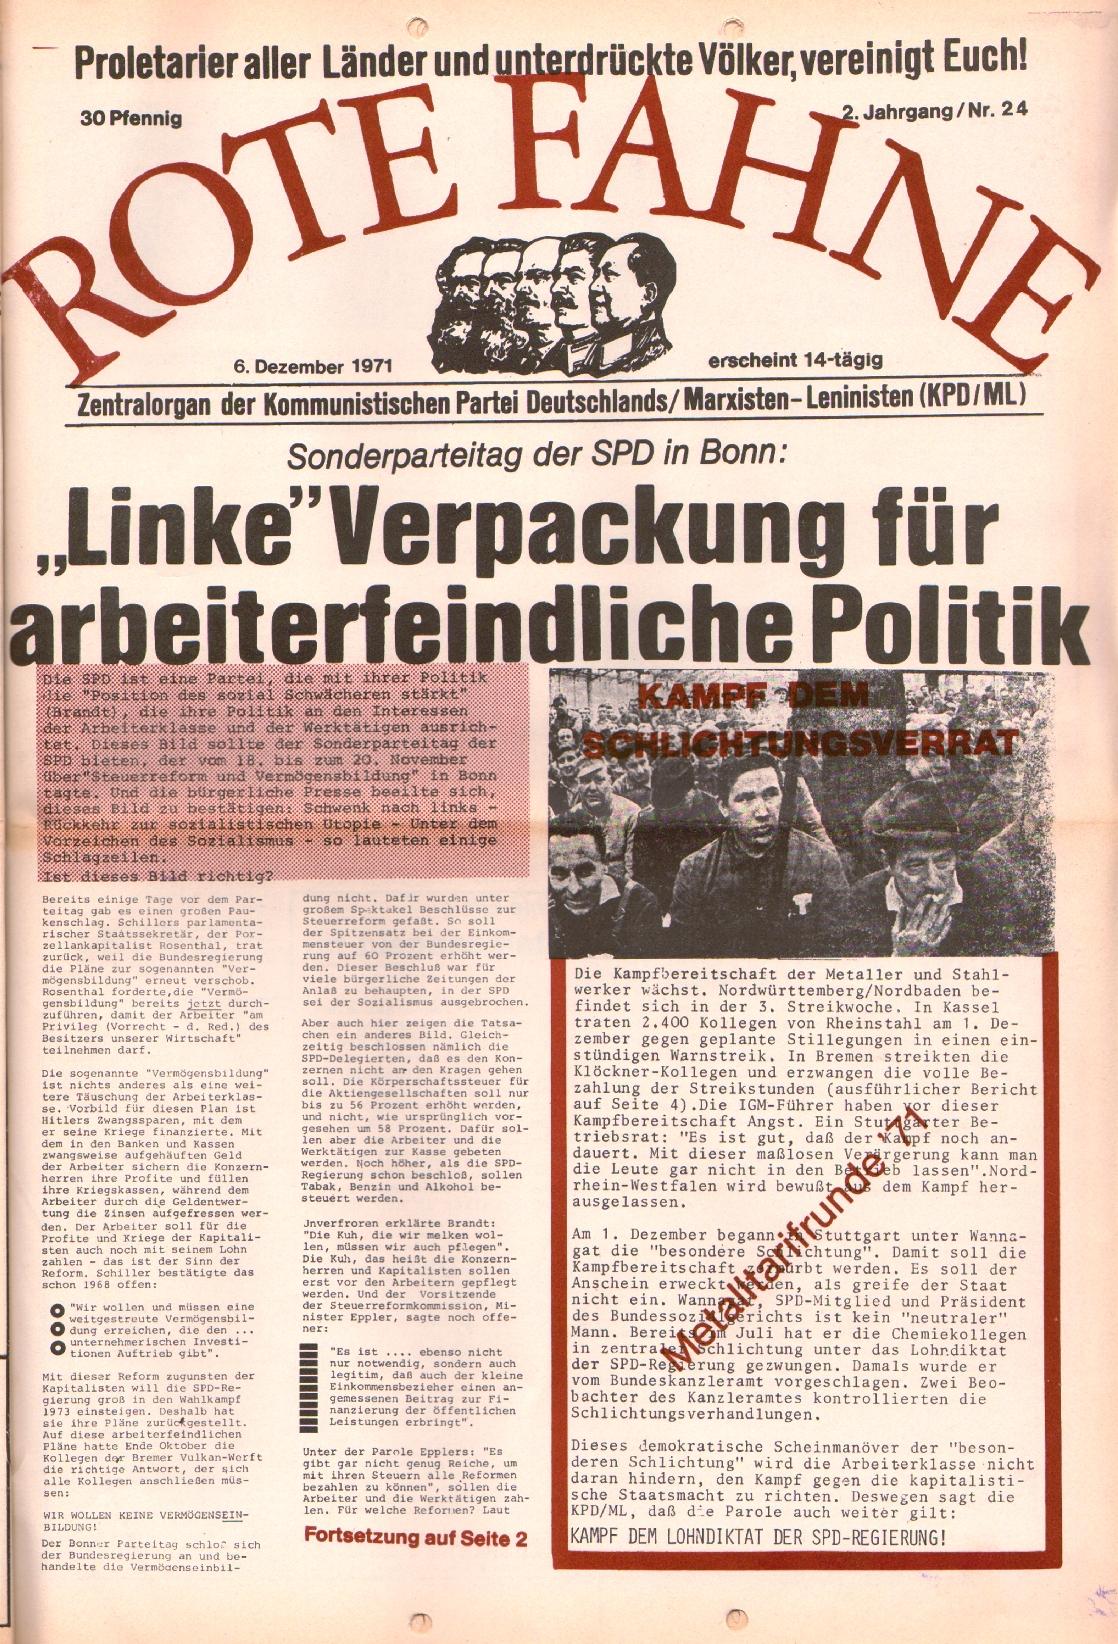 Rote Fahne, 2. Jg., 6.12.1971, Nr. 24, Seite 1